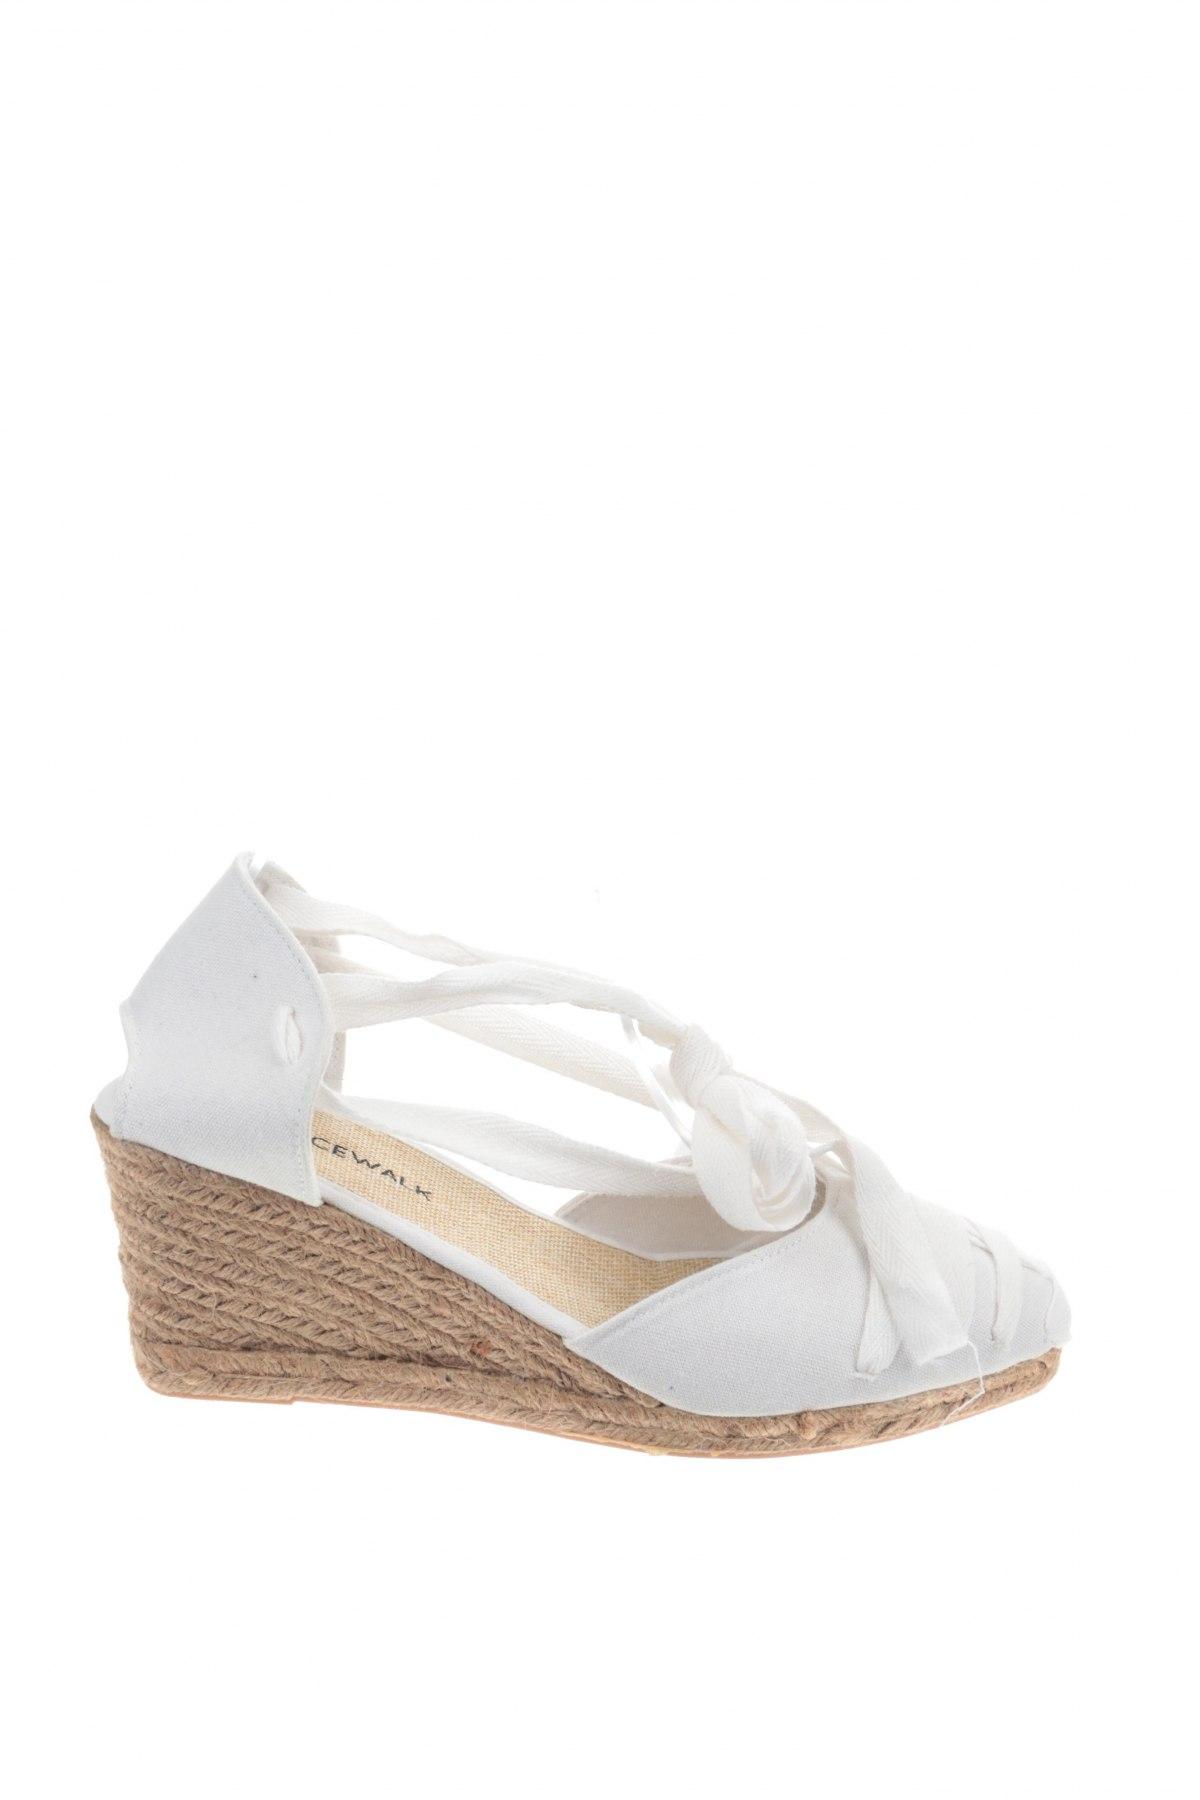 Εσπάδριλλες Nicewalk, Μέγεθος 41, Χρώμα Λευκό, Κλωστοϋφαντουργικά προϊόντα, Τιμή 13,40€